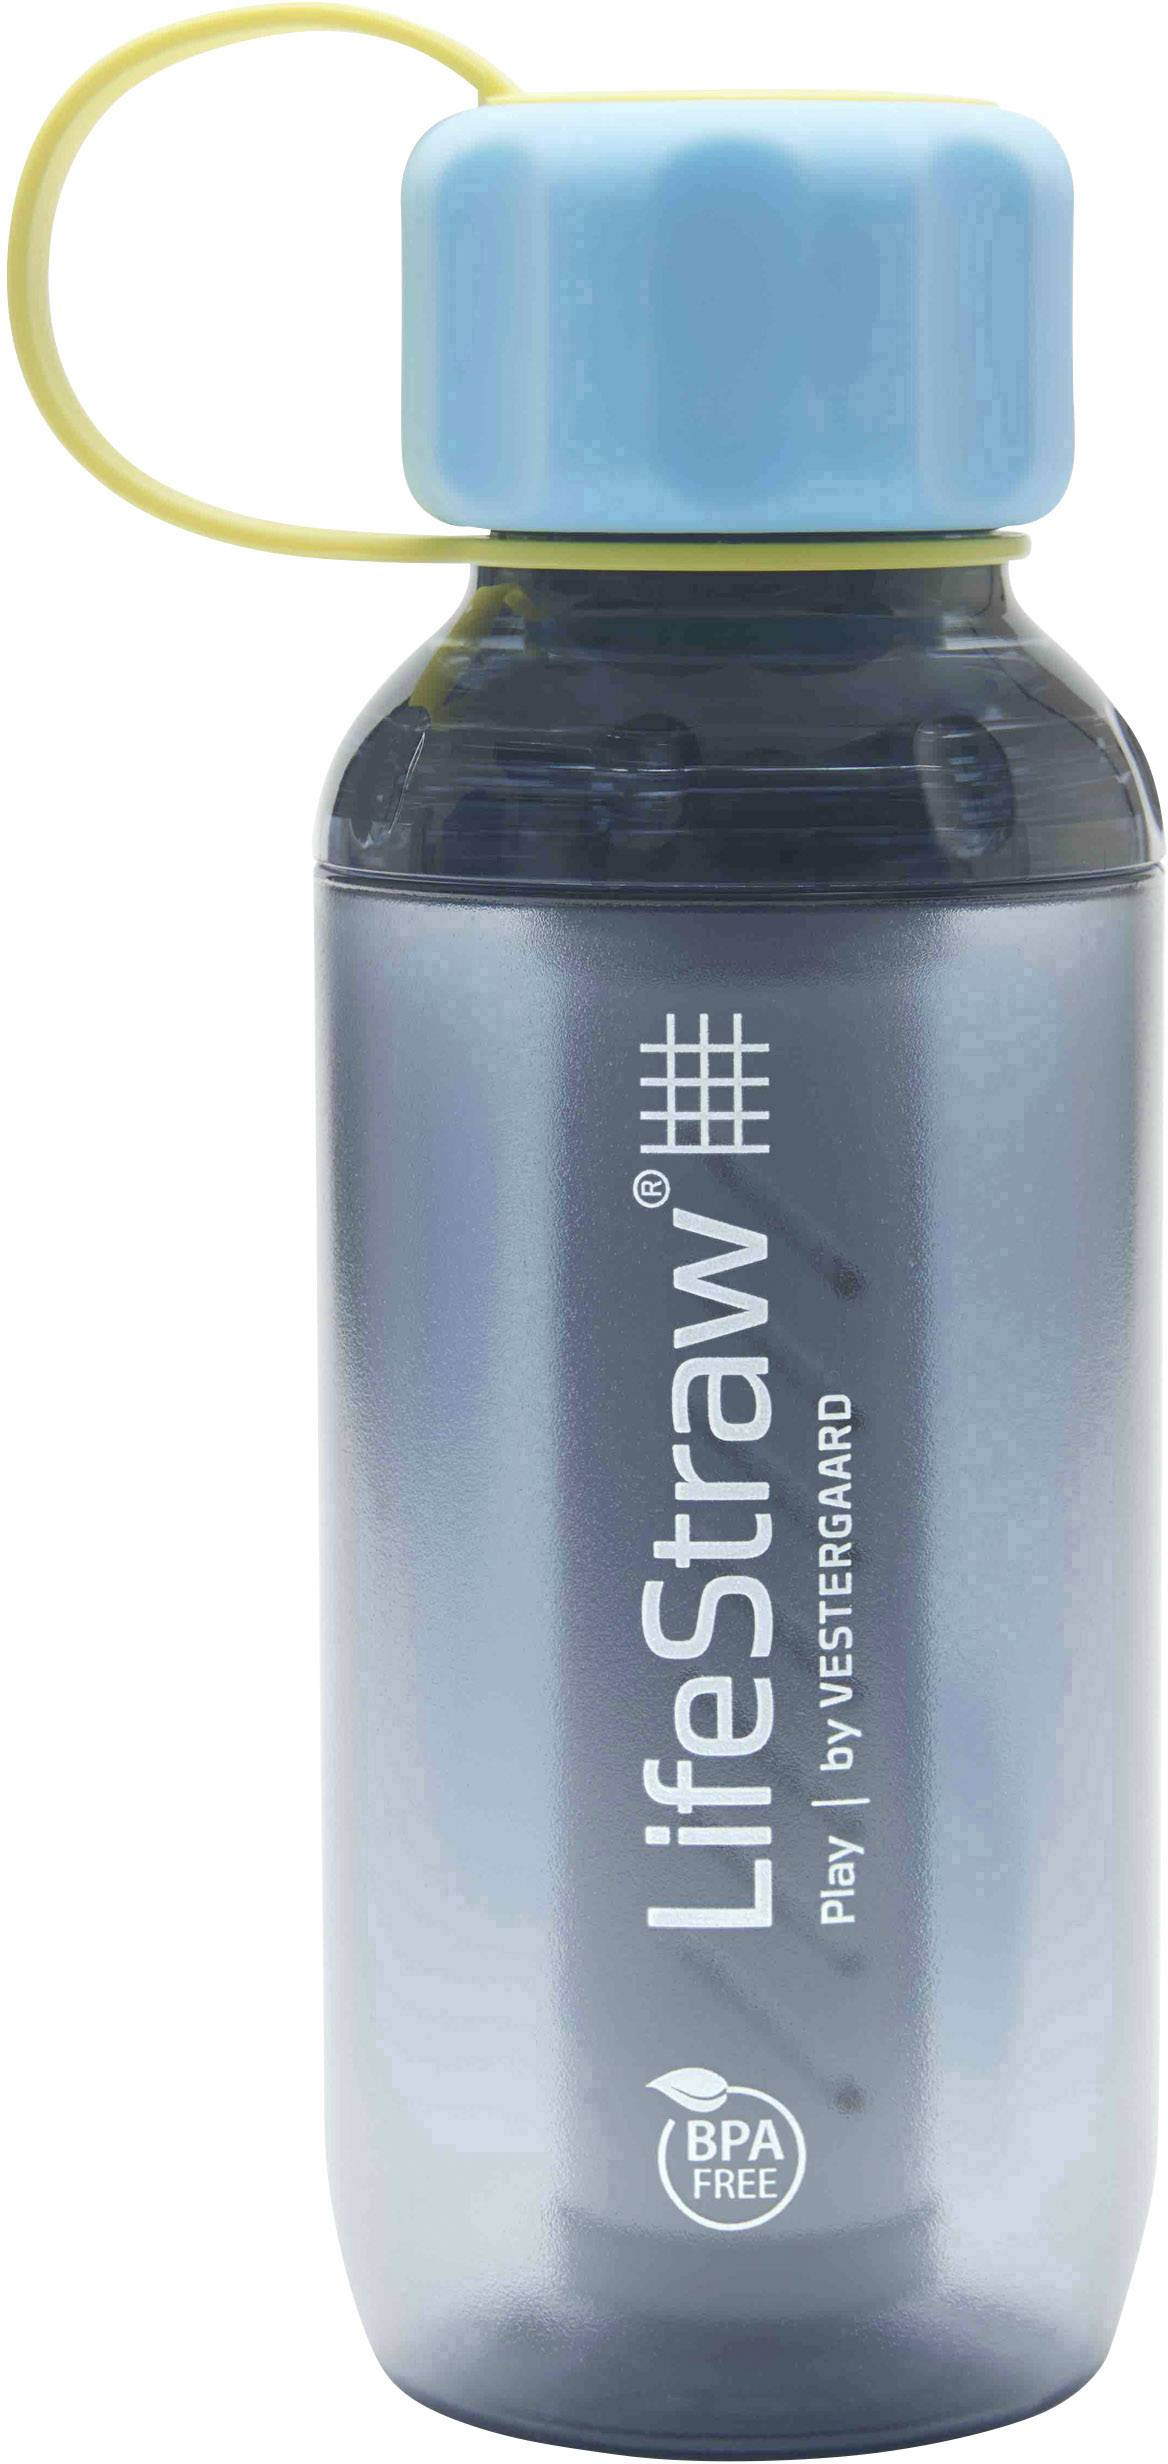 LifeStraw Play stormy